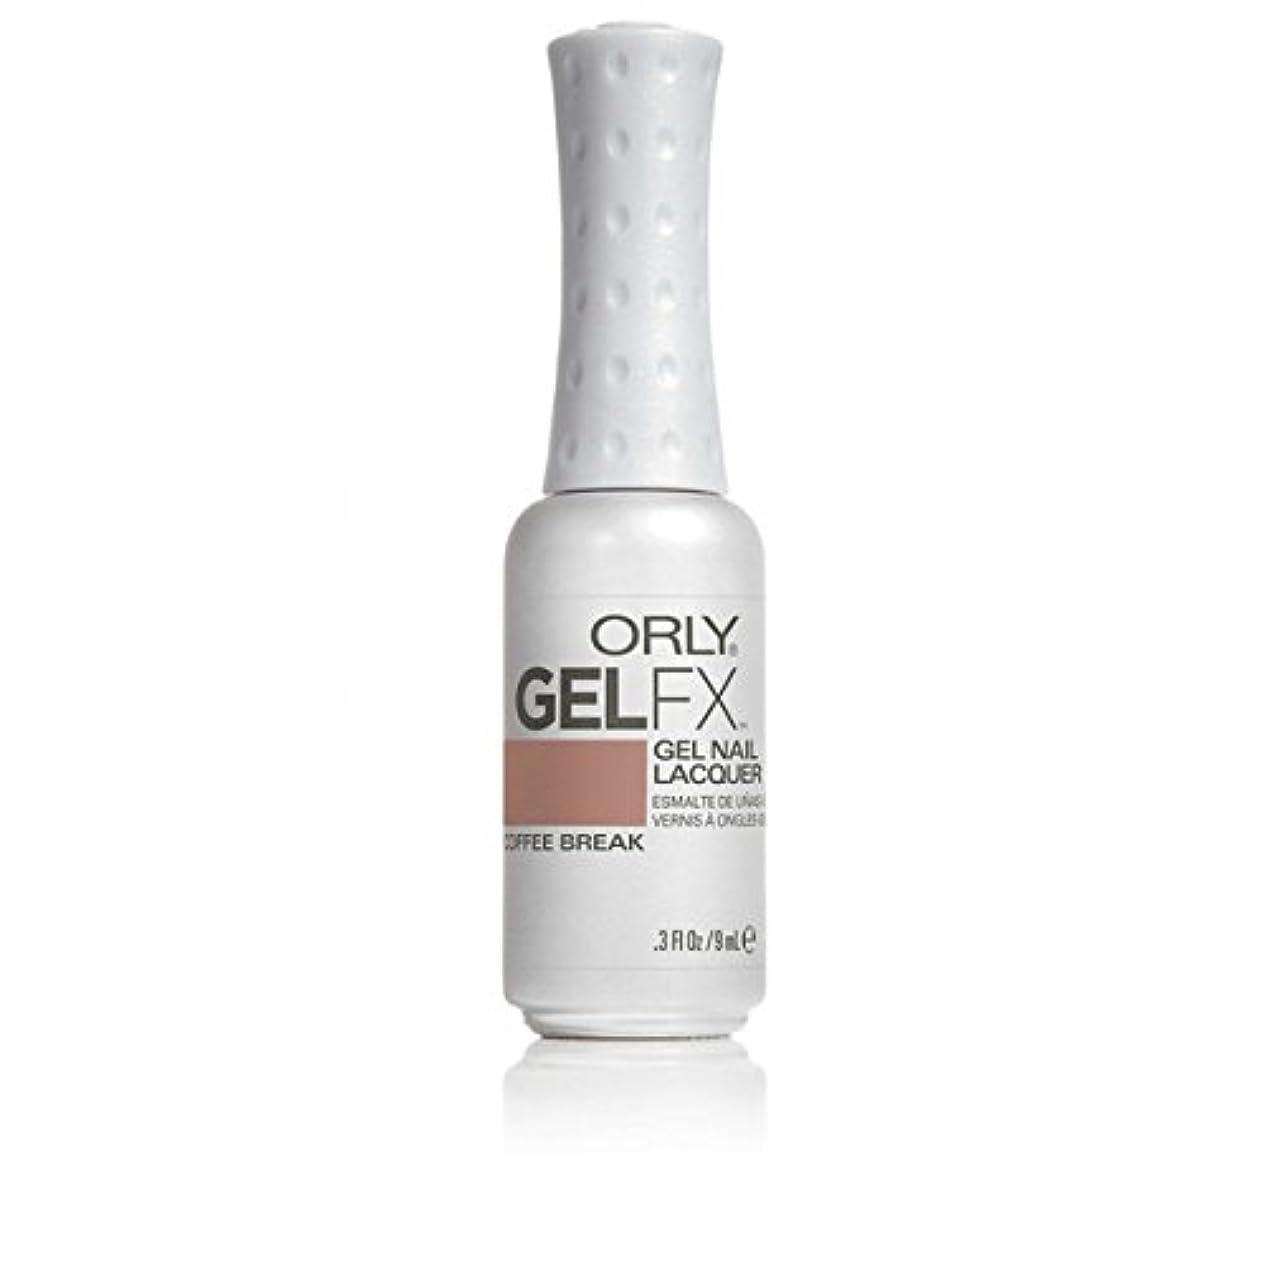 好意明日予備ORLY(オーリー)ジェルFXジェルネイルラッカー 9ml コーヒーブレイク#30575